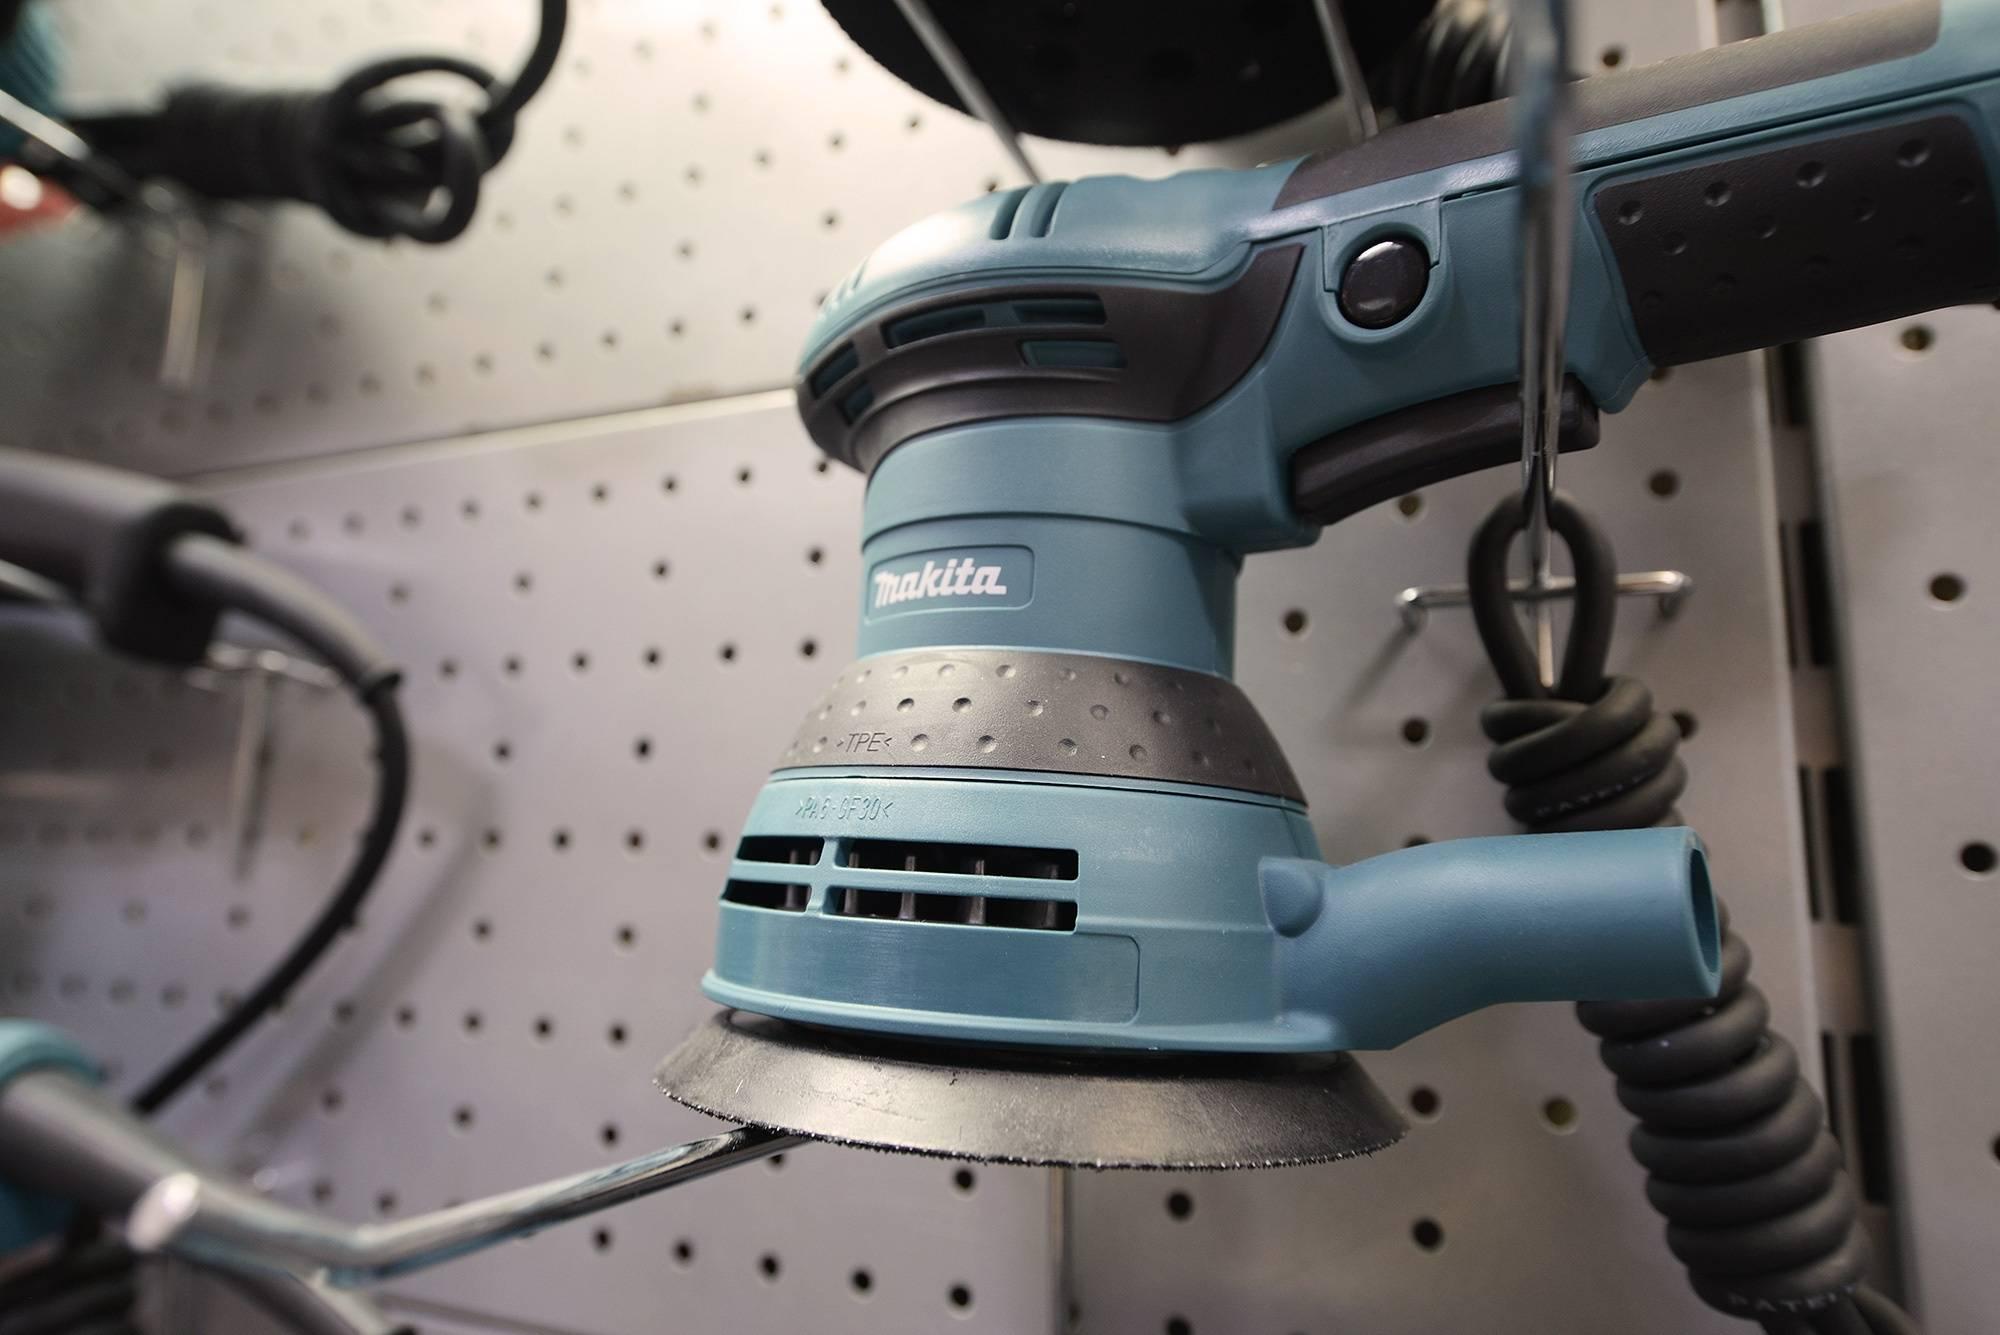 Как выбрать шлифовальную машину: ТОП-15 лучших шлифовальных машин и критерии выбора инструмента